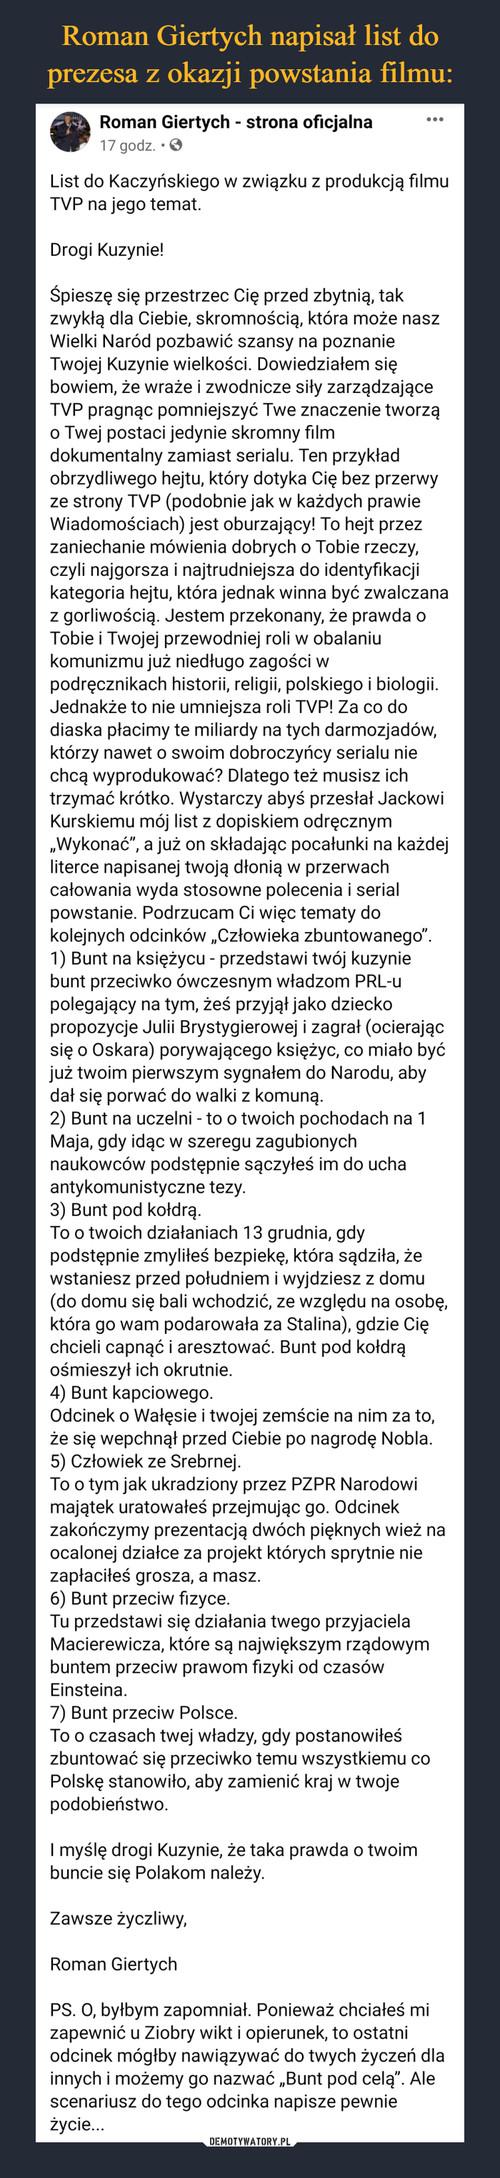 Roman Giertych napisał list do prezesa z okazji powstania filmu: